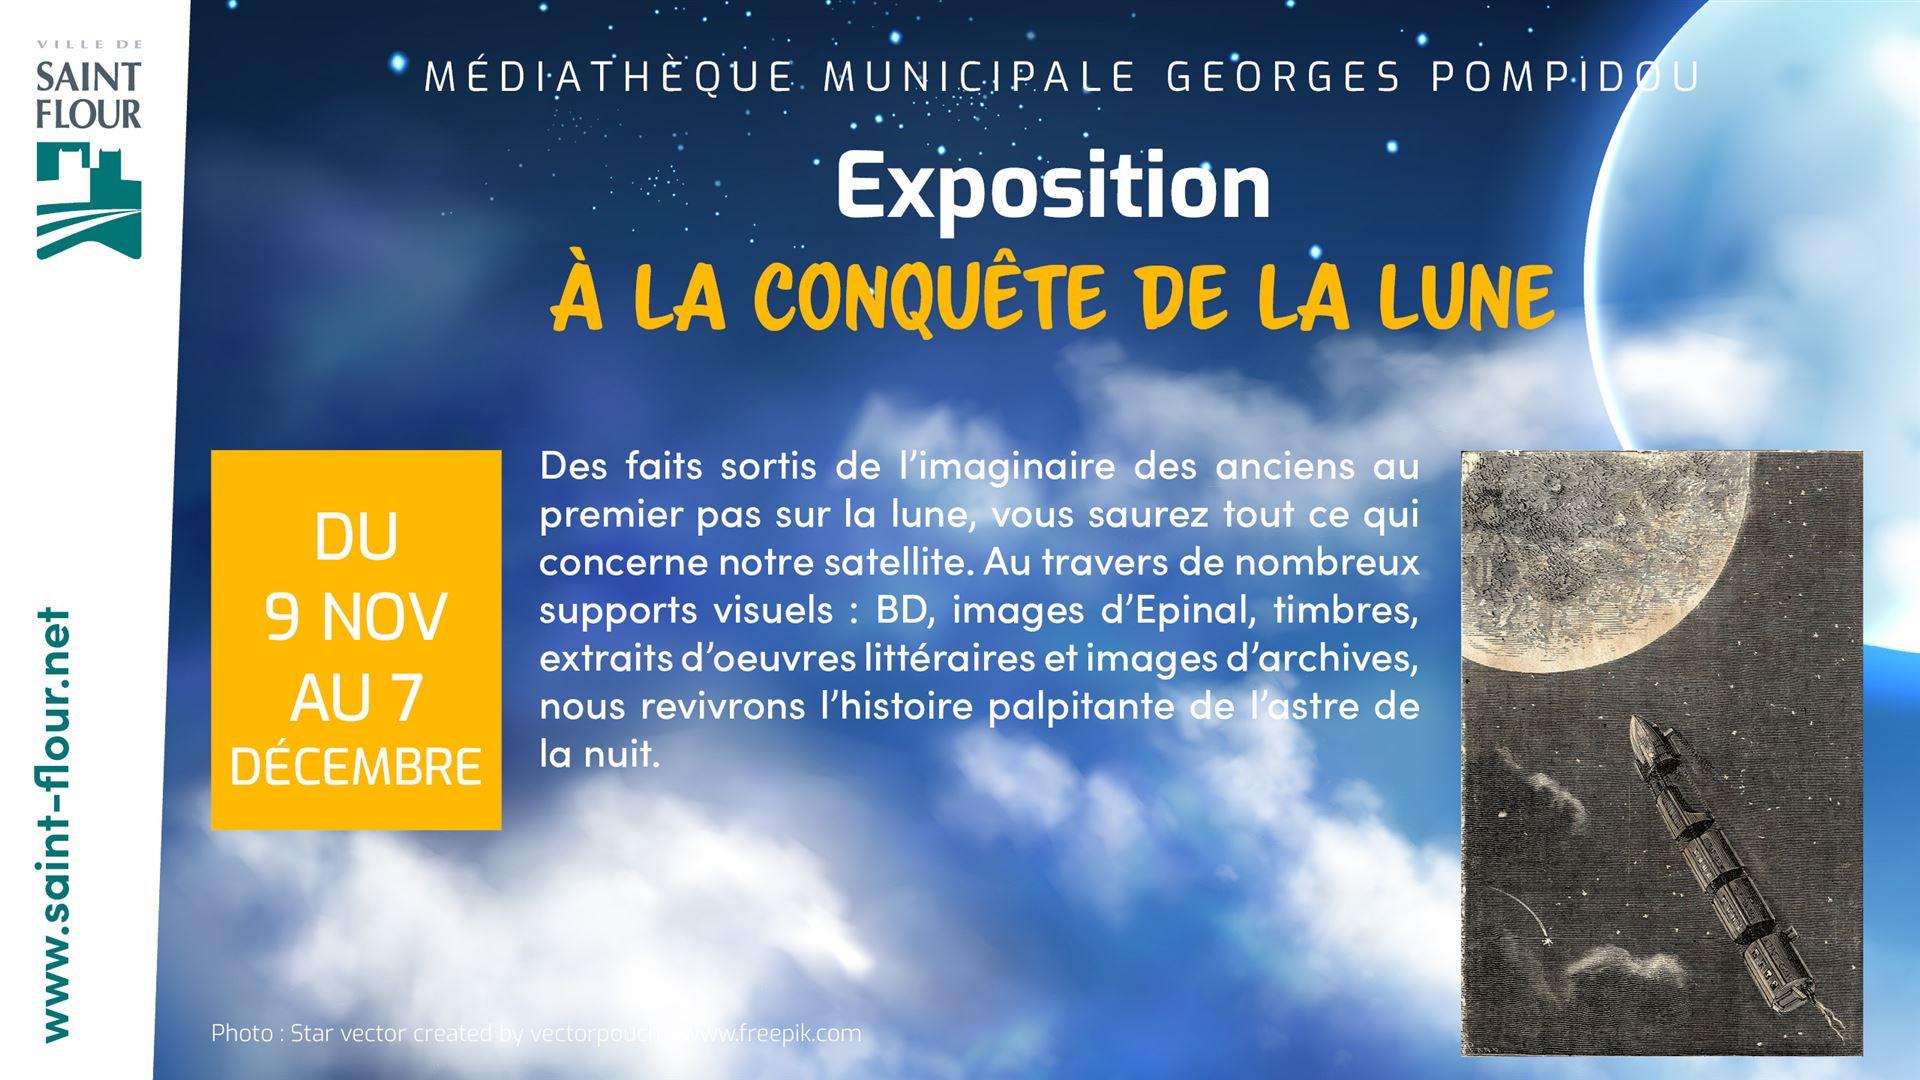 MEDIATHEQUE EXPO CONQUETE DE LA LUNE